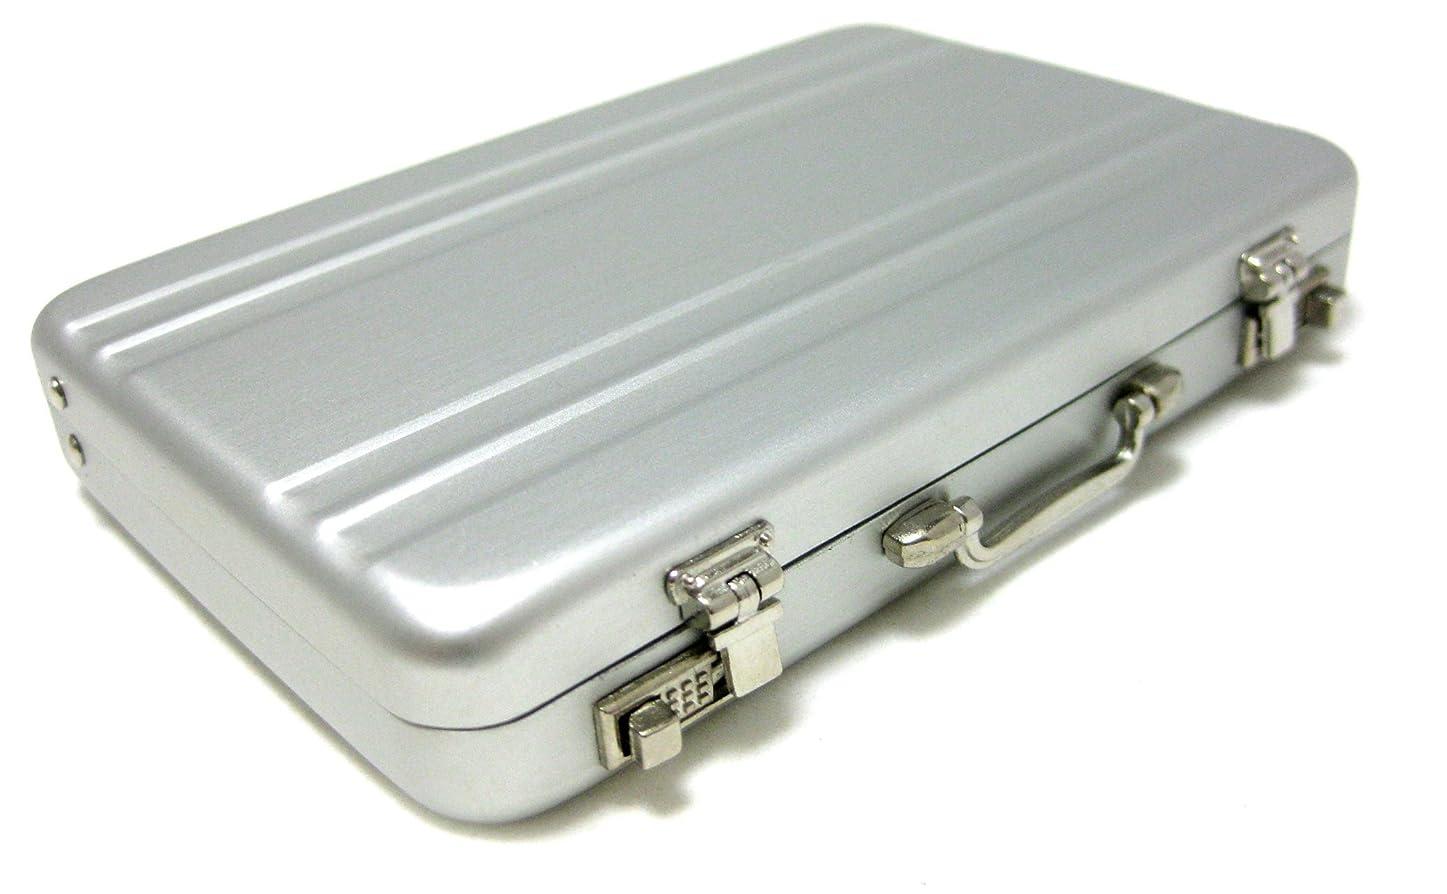 通訳デジタル忠誠5色 選べる ミニ アタッシュ ケース 型 名刺 入れ タバコ シガレット カード 小物 ケース としても 使えます (シルバー)